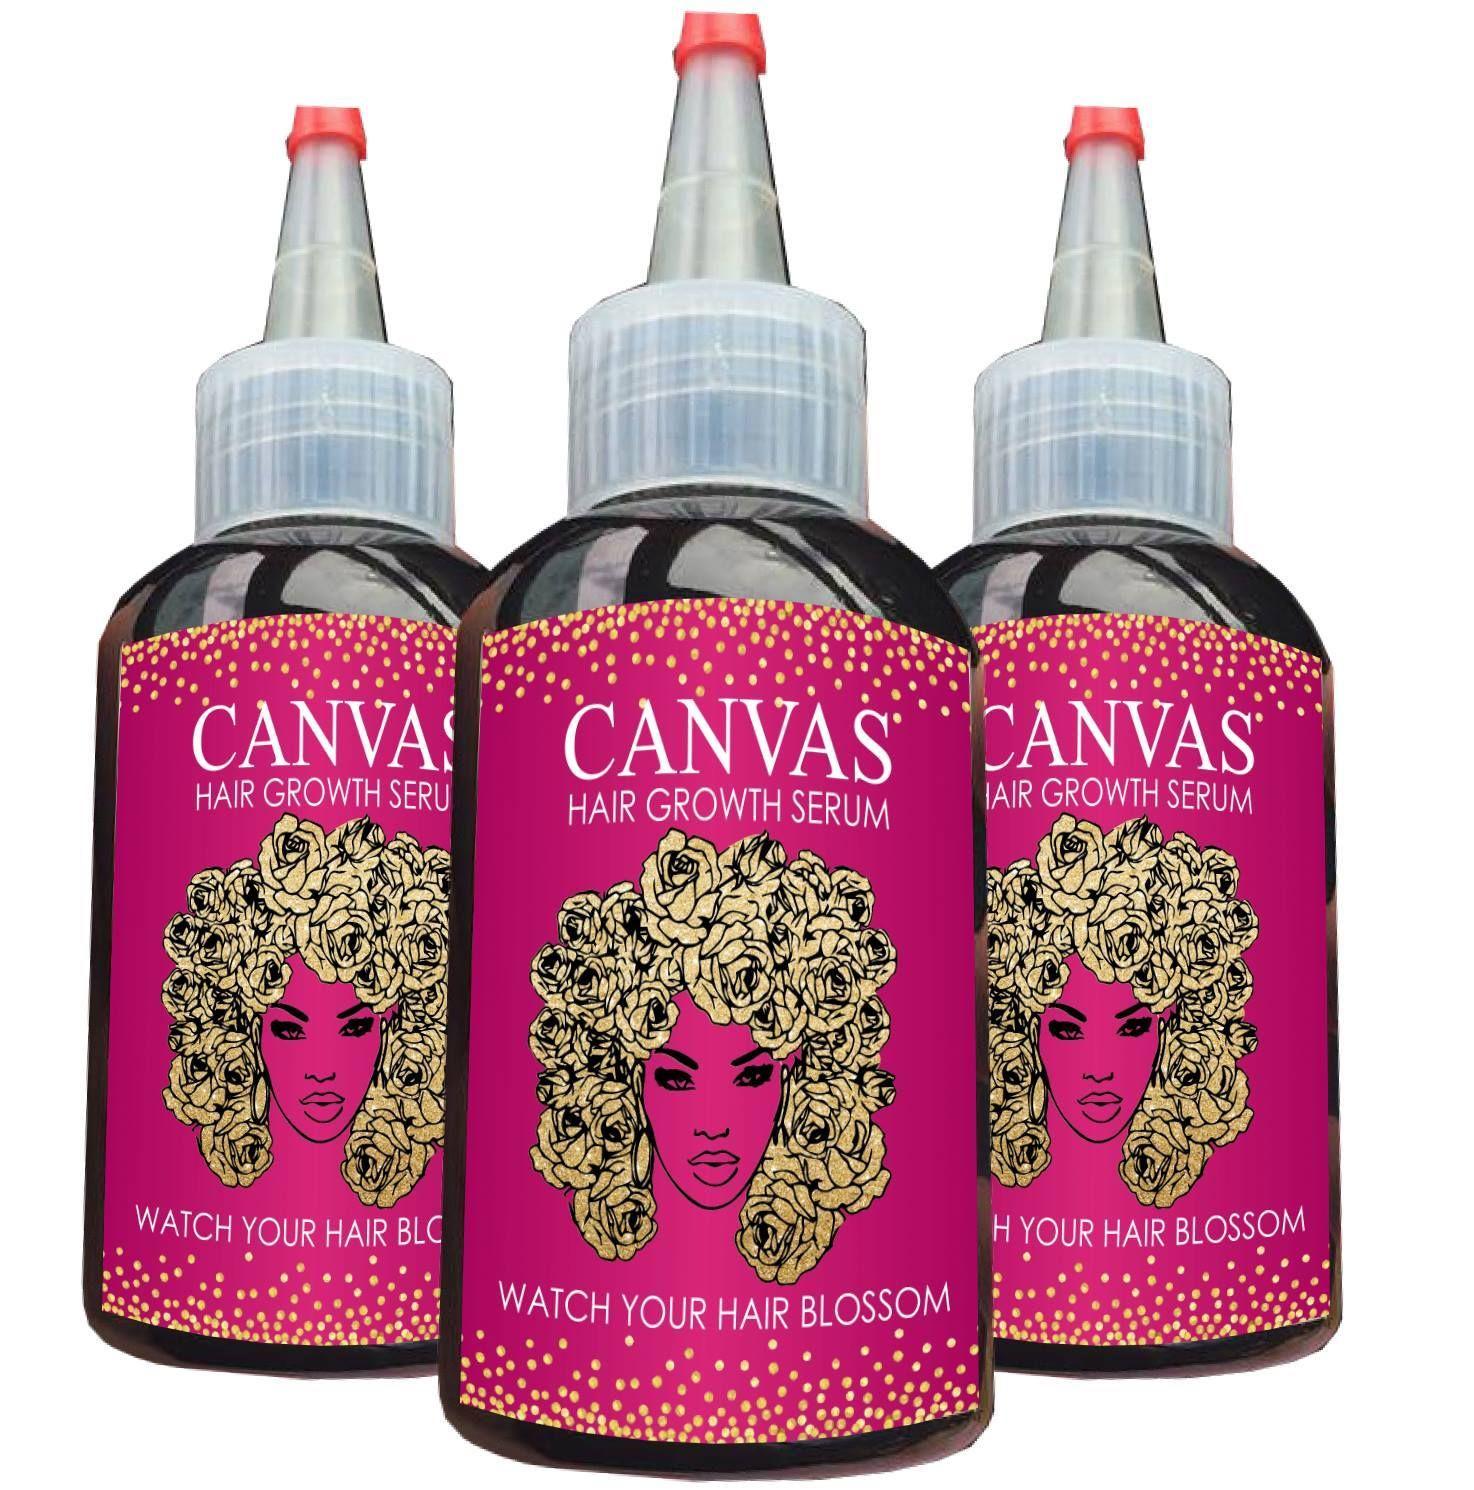 Canvas hair blossom serum in 2020 Hair serum, Serum